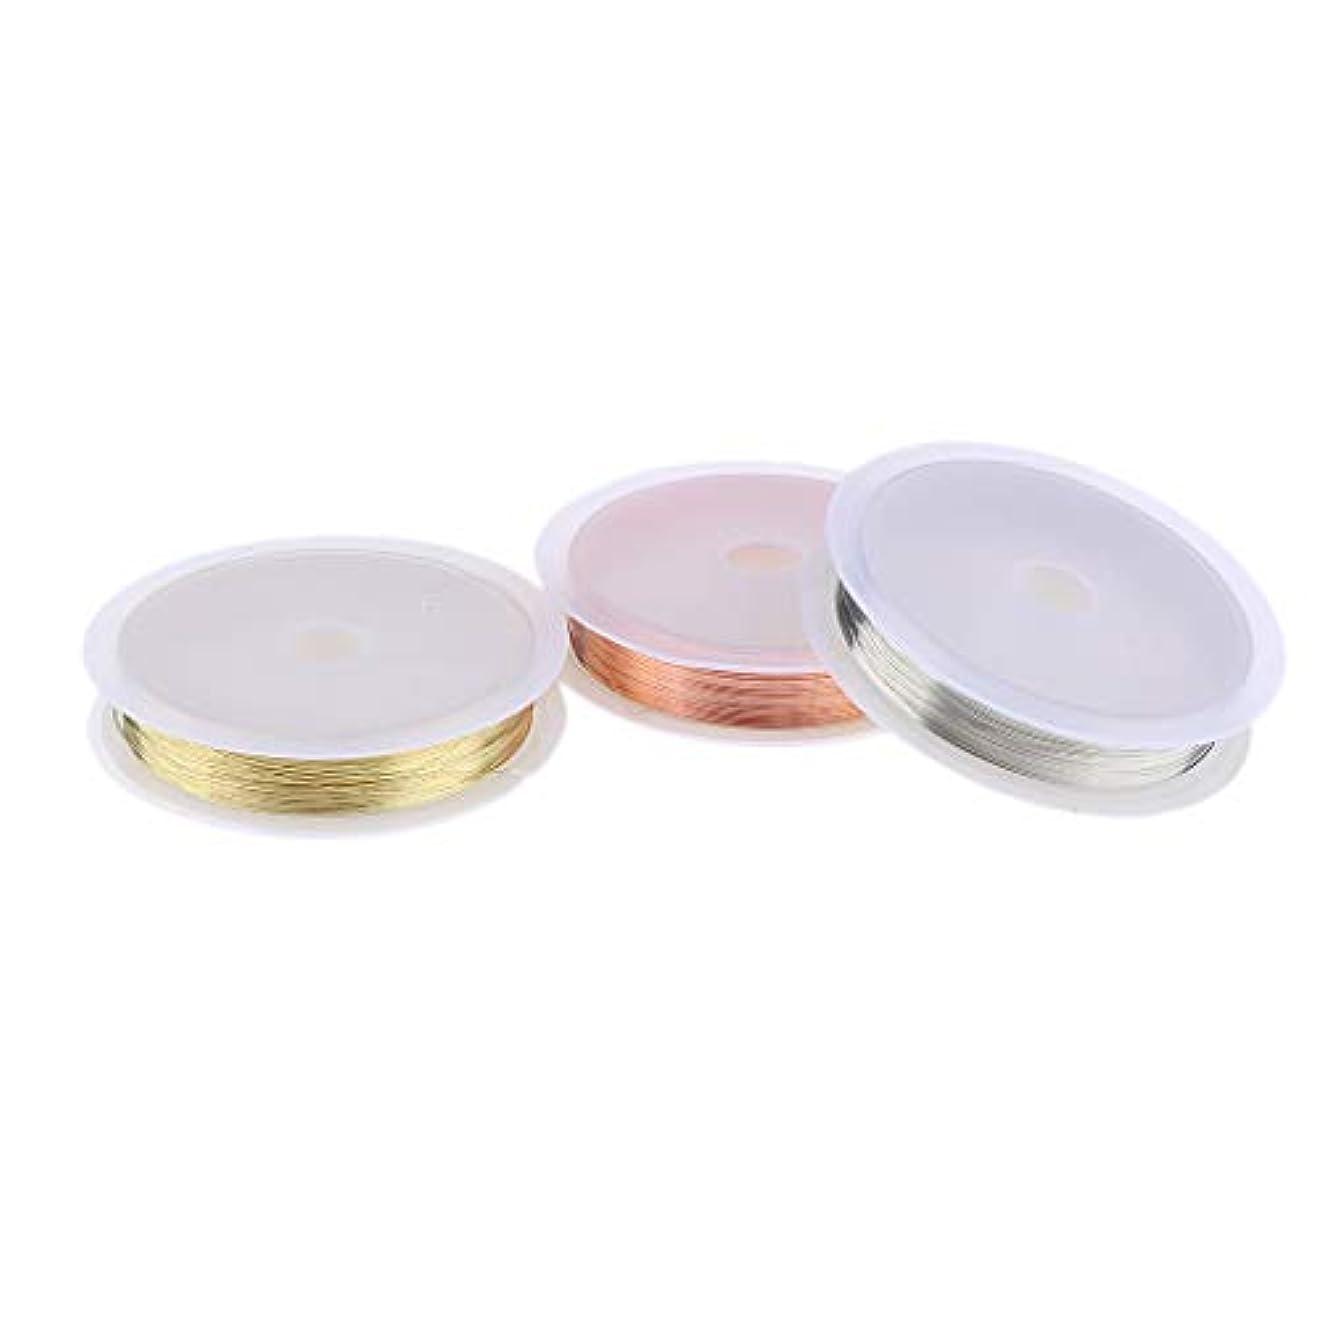 無限ボイドホバートT TOOYFUL 3本のDIY銅ロールストライピングテープライン3Dネイルアートテープネイルデコレーション